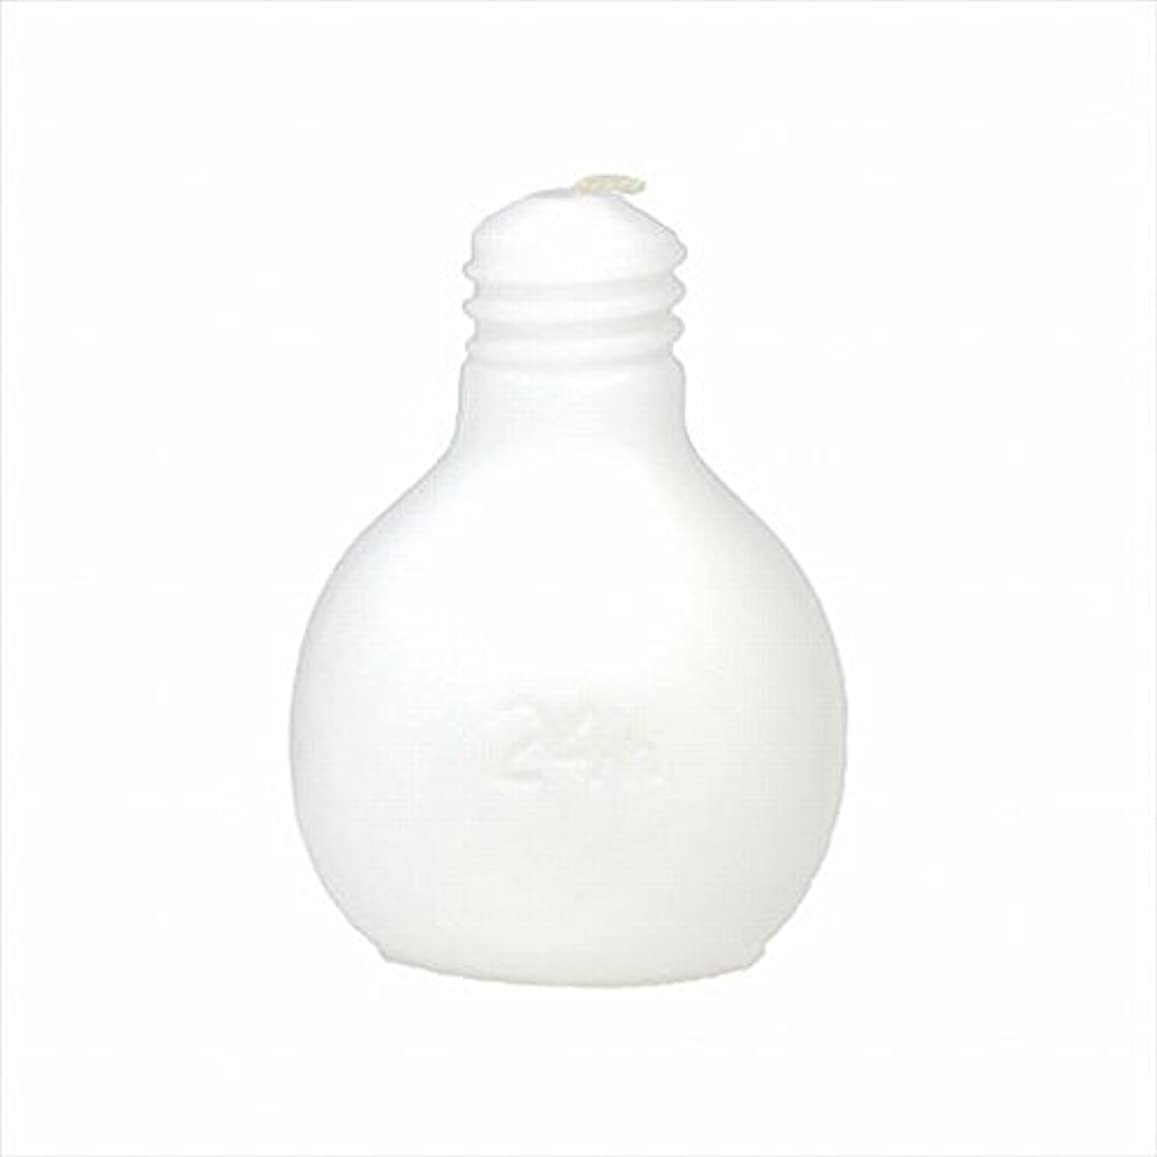 本土評論家放つカメヤマキャンドル(kameyama candle) 節電球キャンドル 「 ホワイト 」